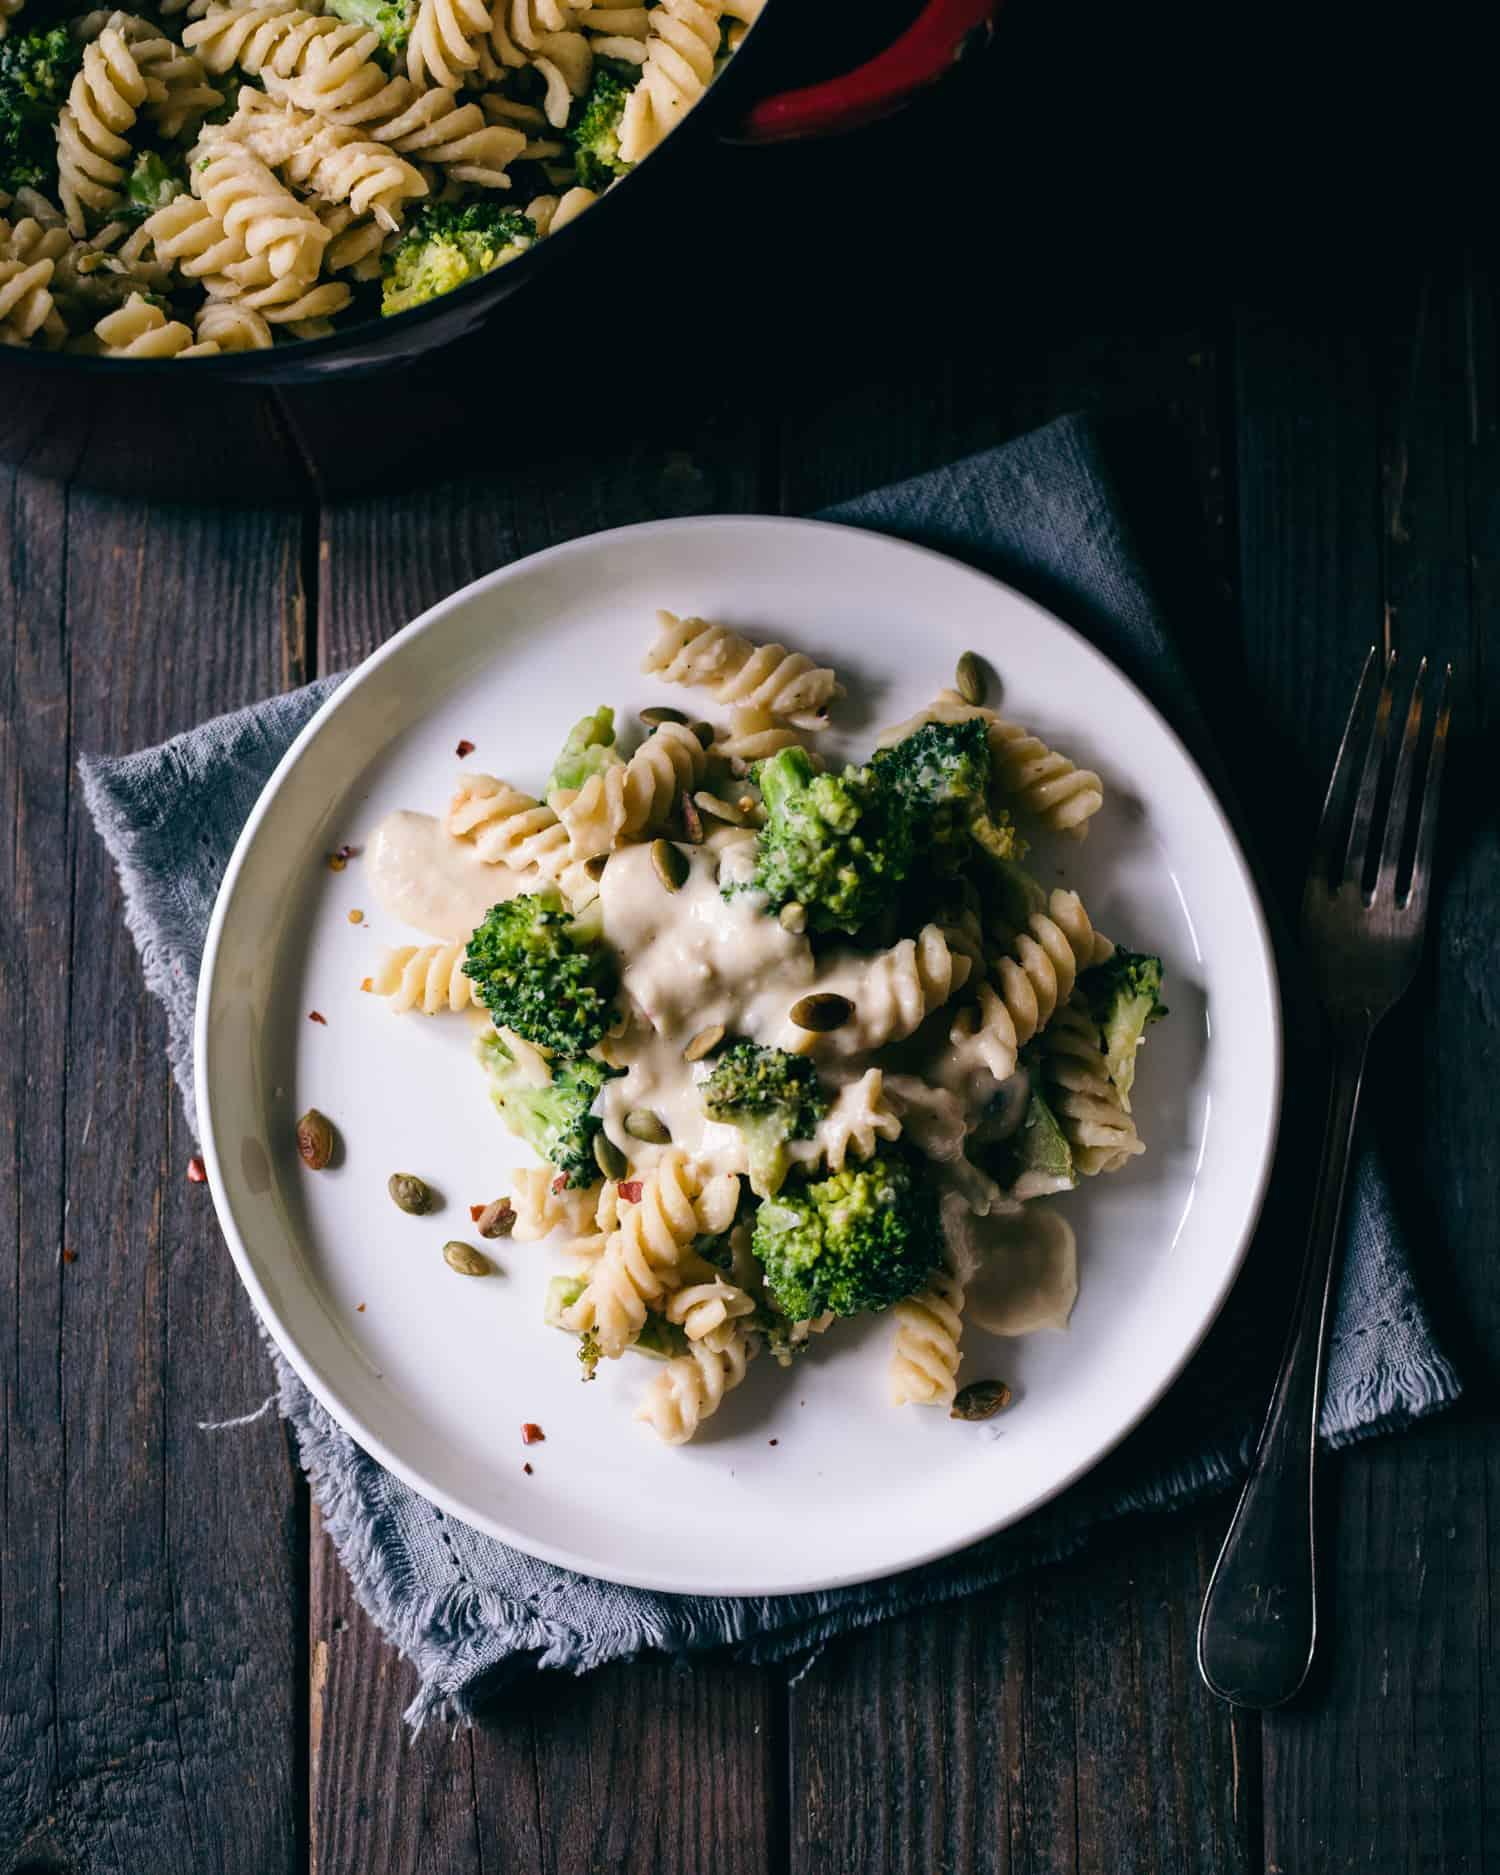 Pasta med broccoli på en tallrik.